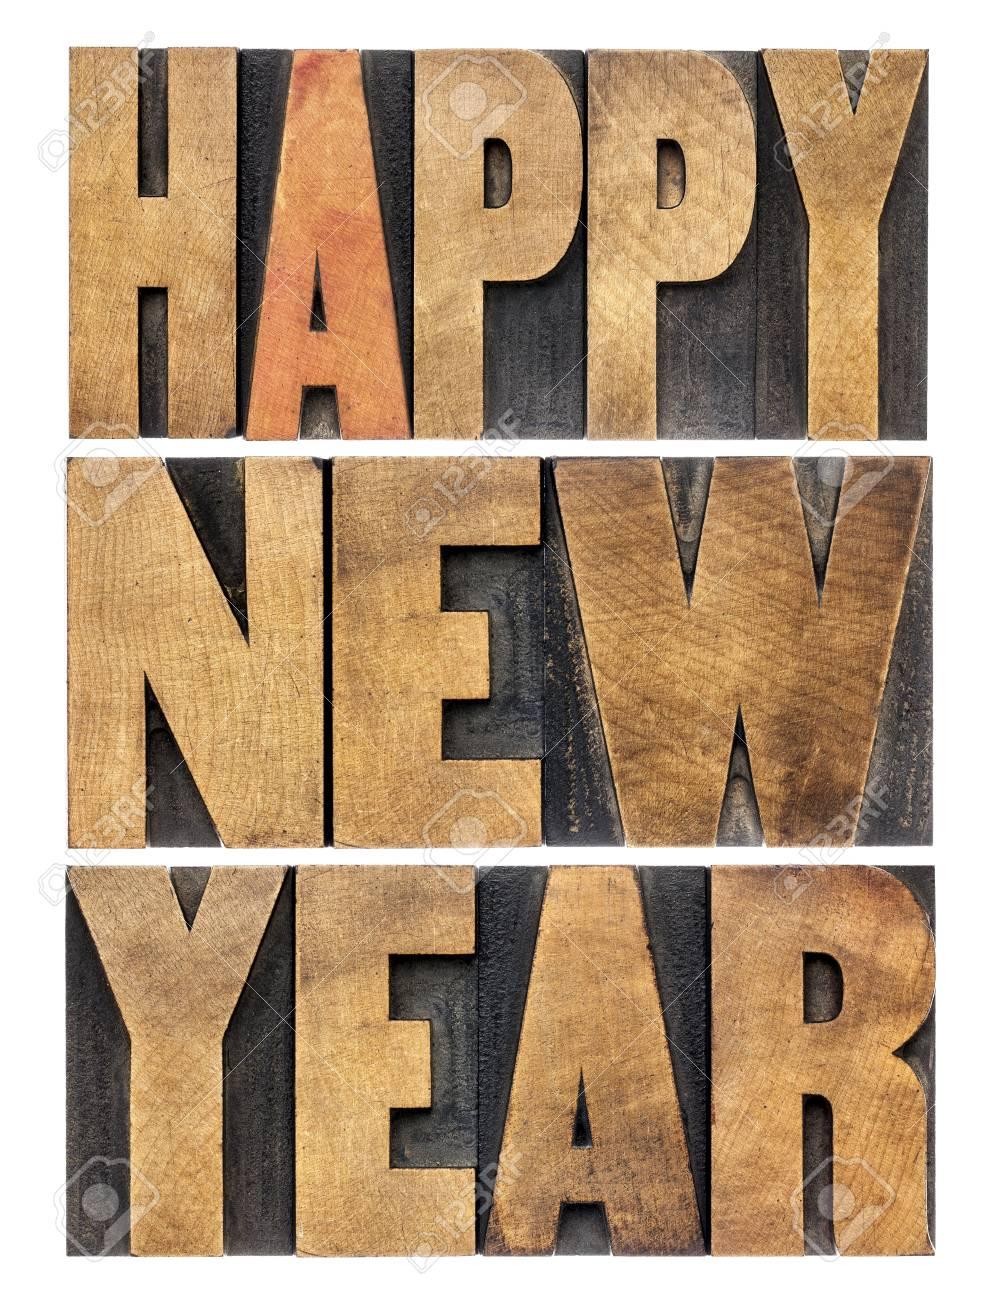 Frohes Neues Jahr Grüße Oder Wünsche - Isoliert Text Im Buchdruck ...